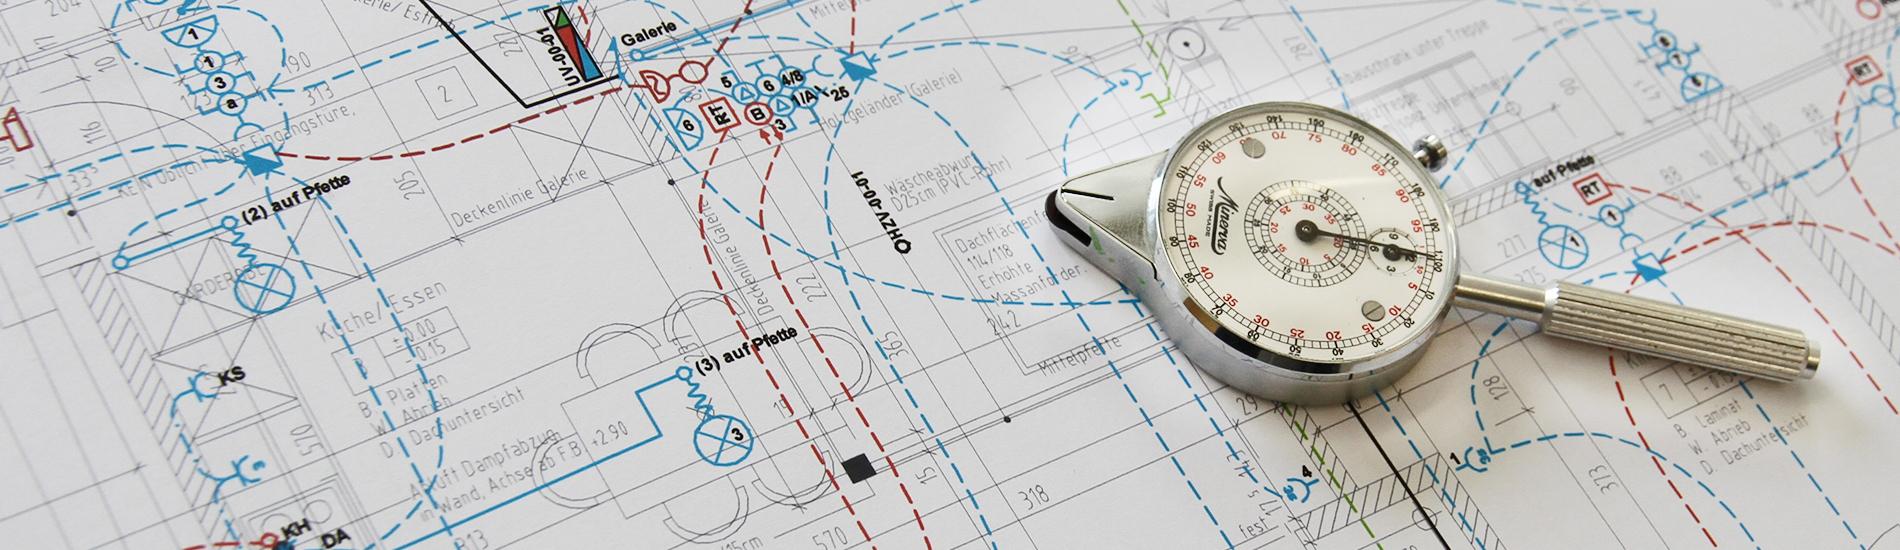 Capaul Engineering AG